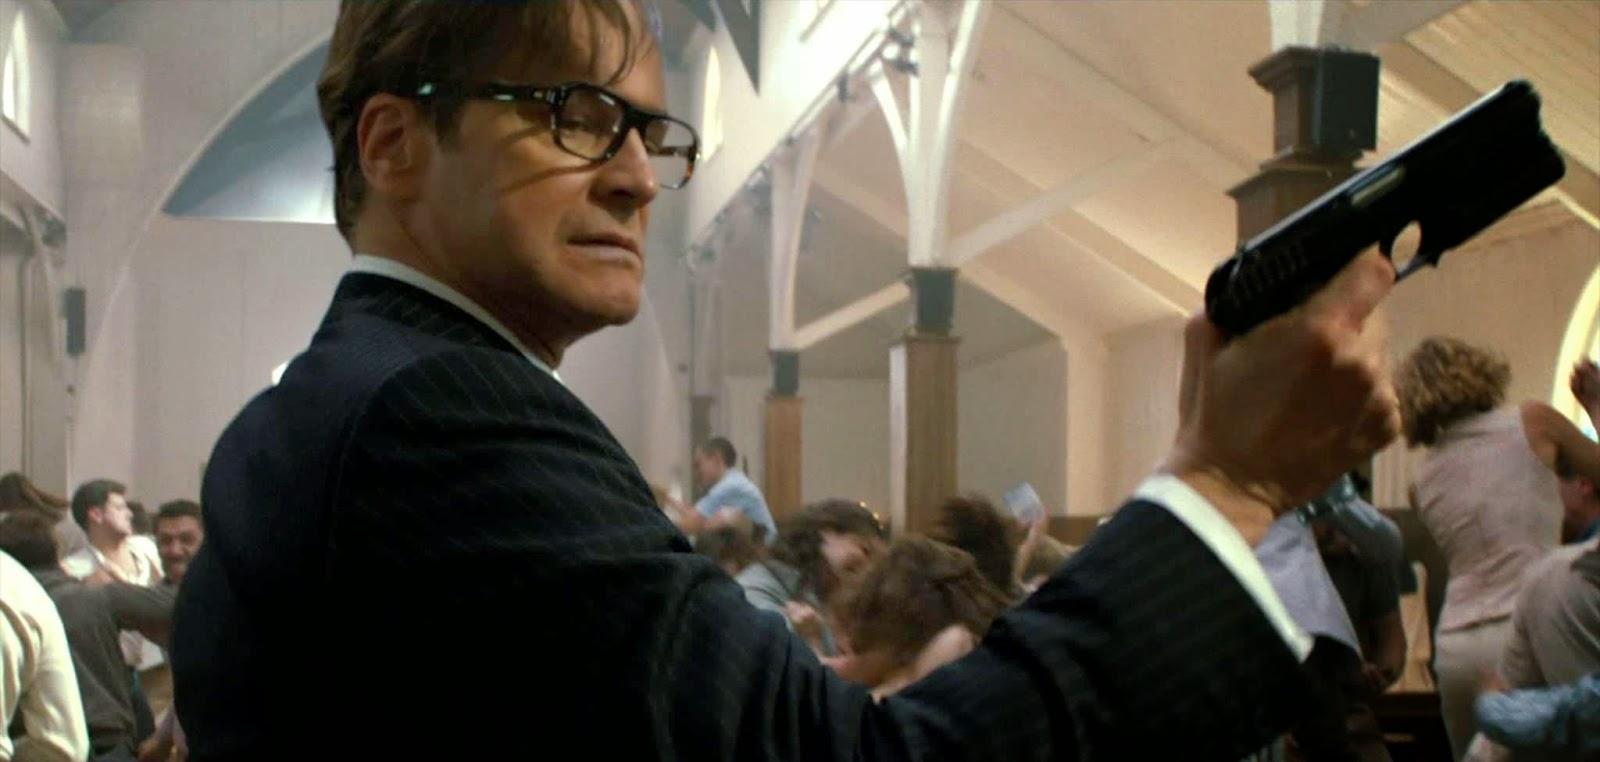 Mais ação no trailer internacional inédito de Kingsman: Serviço Secreto, com Colin Firth e Samuel L. Jackson